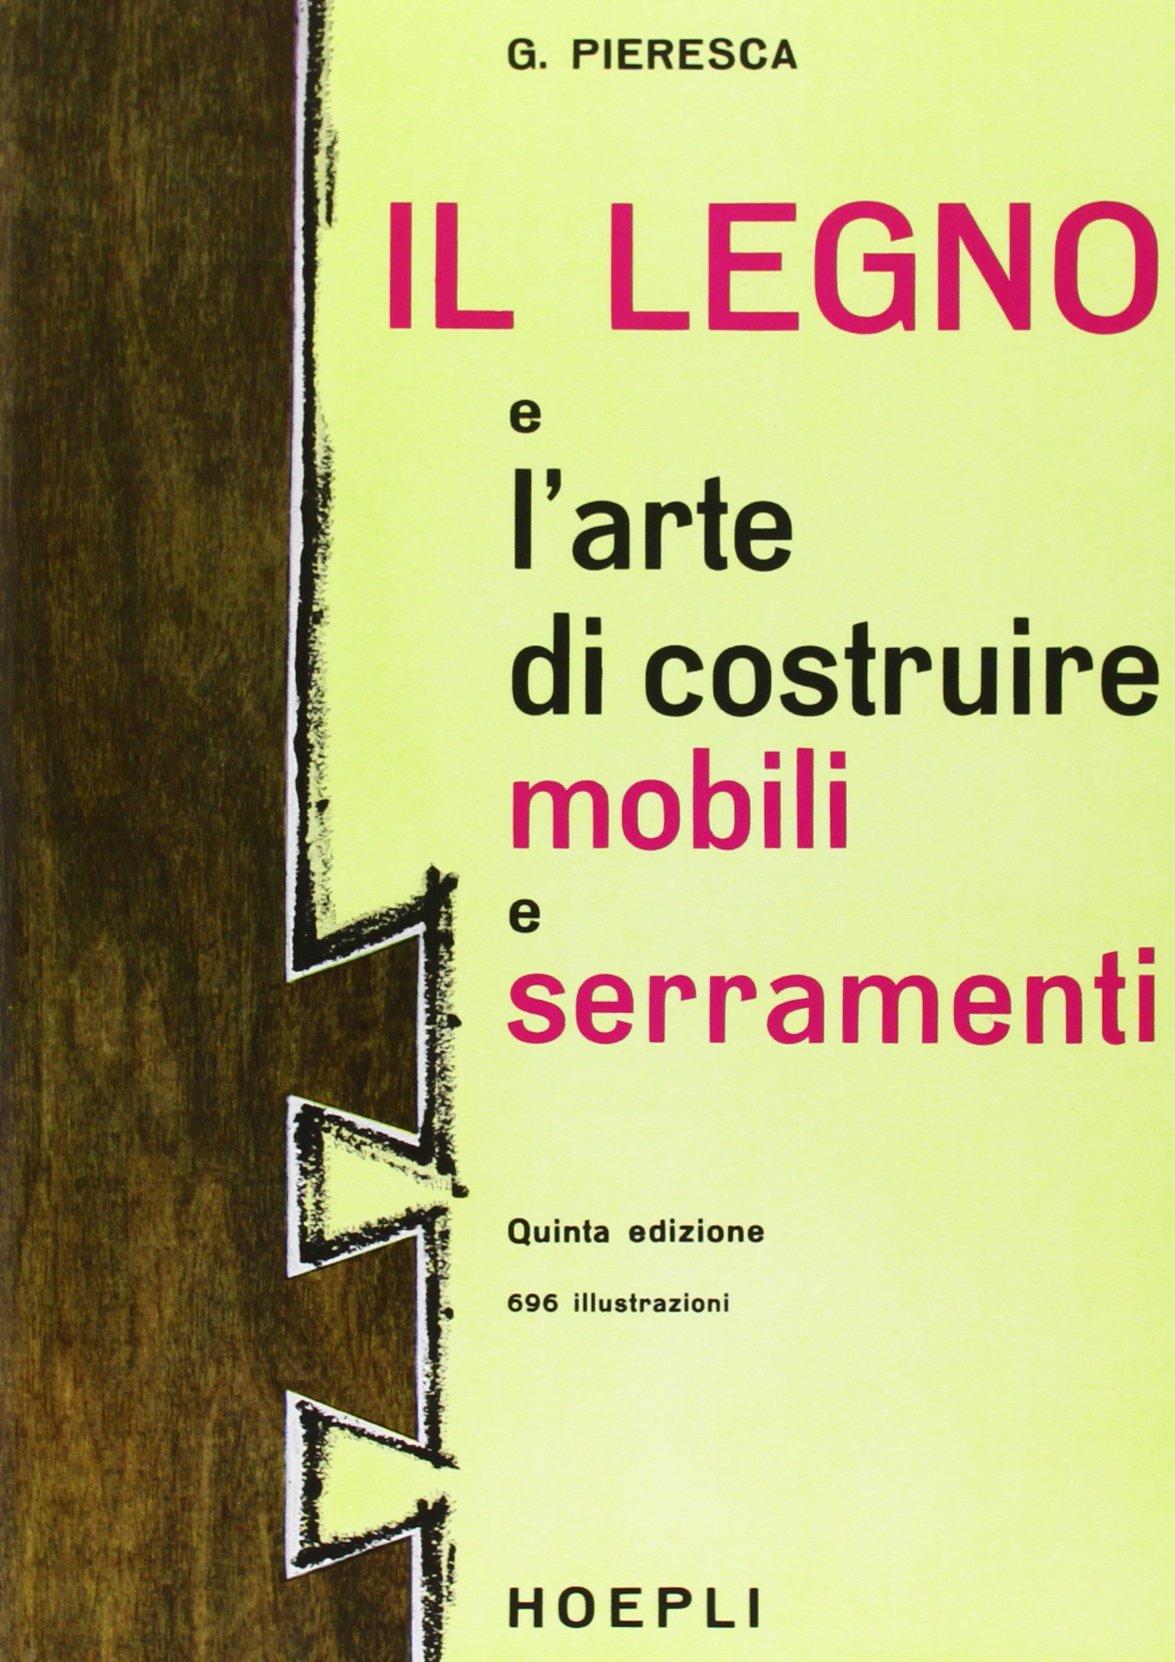 Costruire Un Mobile In Legno.Il Legno E L Arte Di Costruire Mobili E Serramenti Giuseppe Pieresca 9788820313142 Amazon Com Books